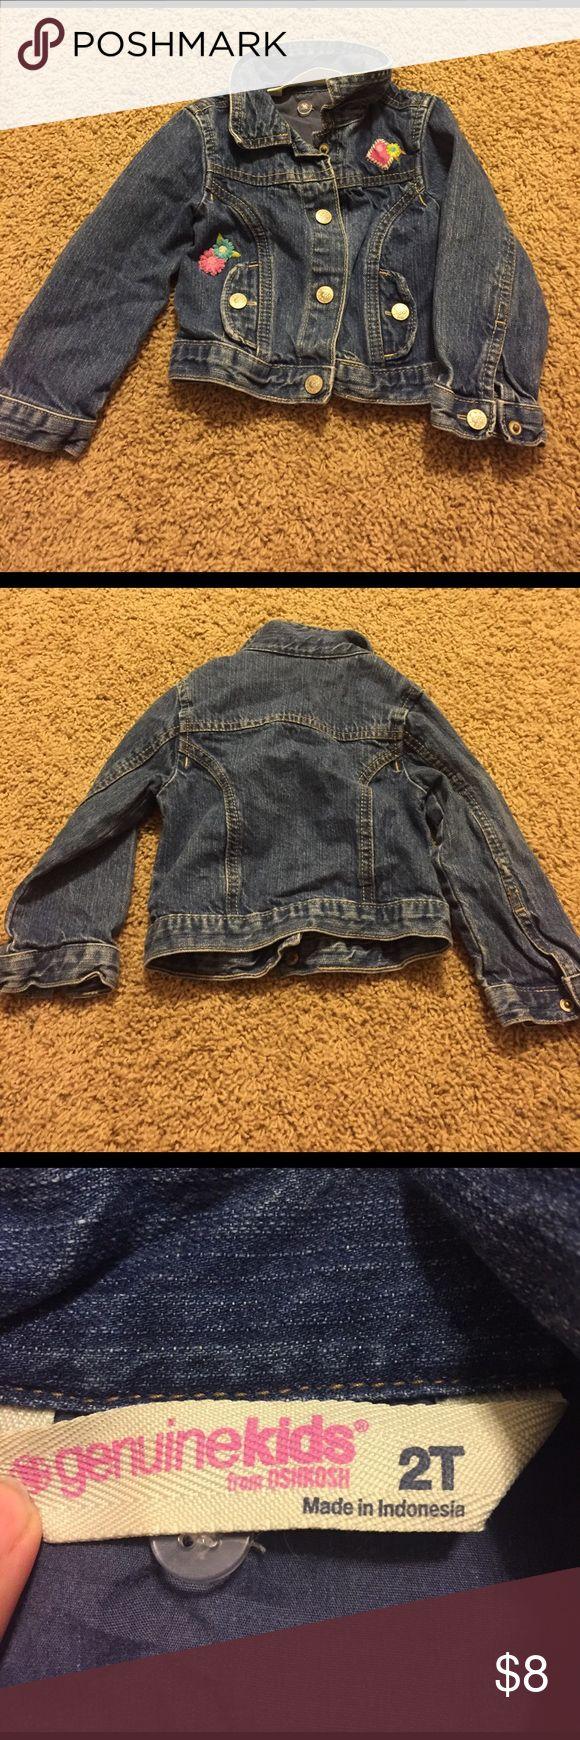 Toddler jean jacket 3T toddler jean jacket Shirts & Tops Sweatshirts & Hoodies